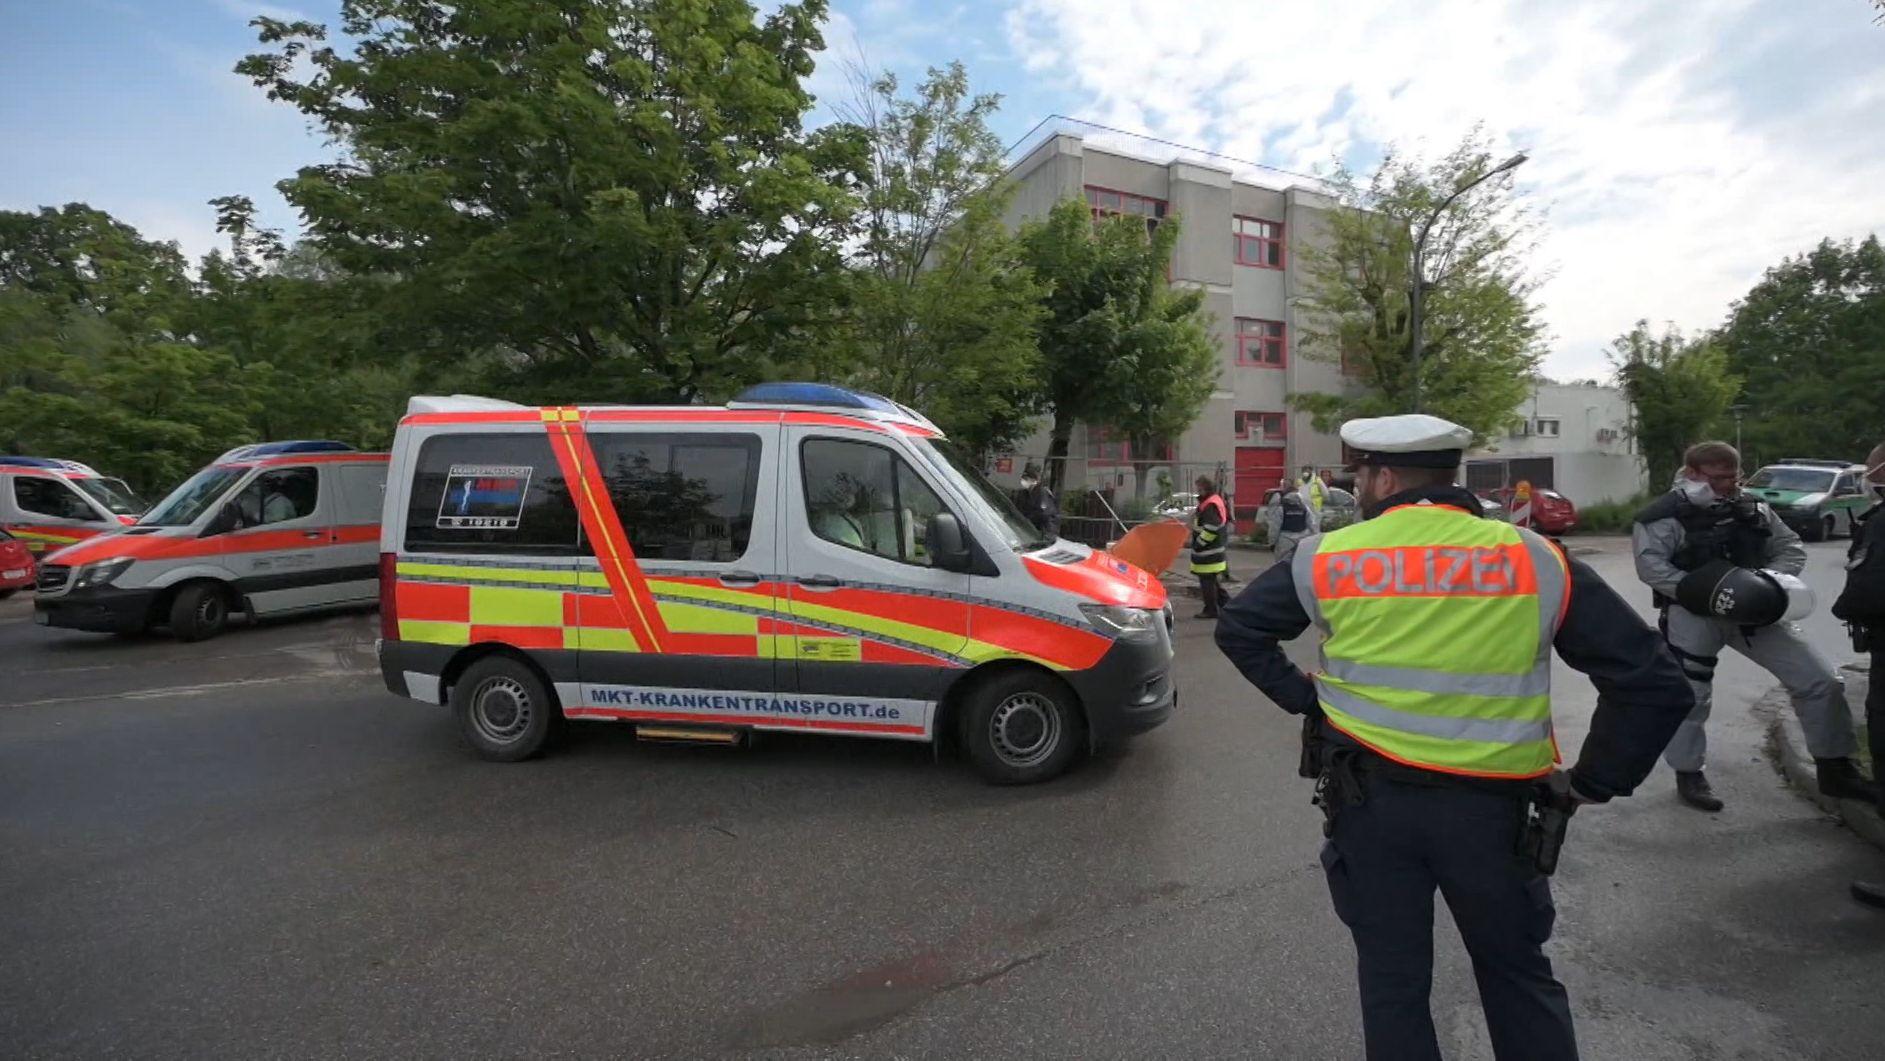 Polizeibeamte sichern die Verlegung der Asylbewerber.